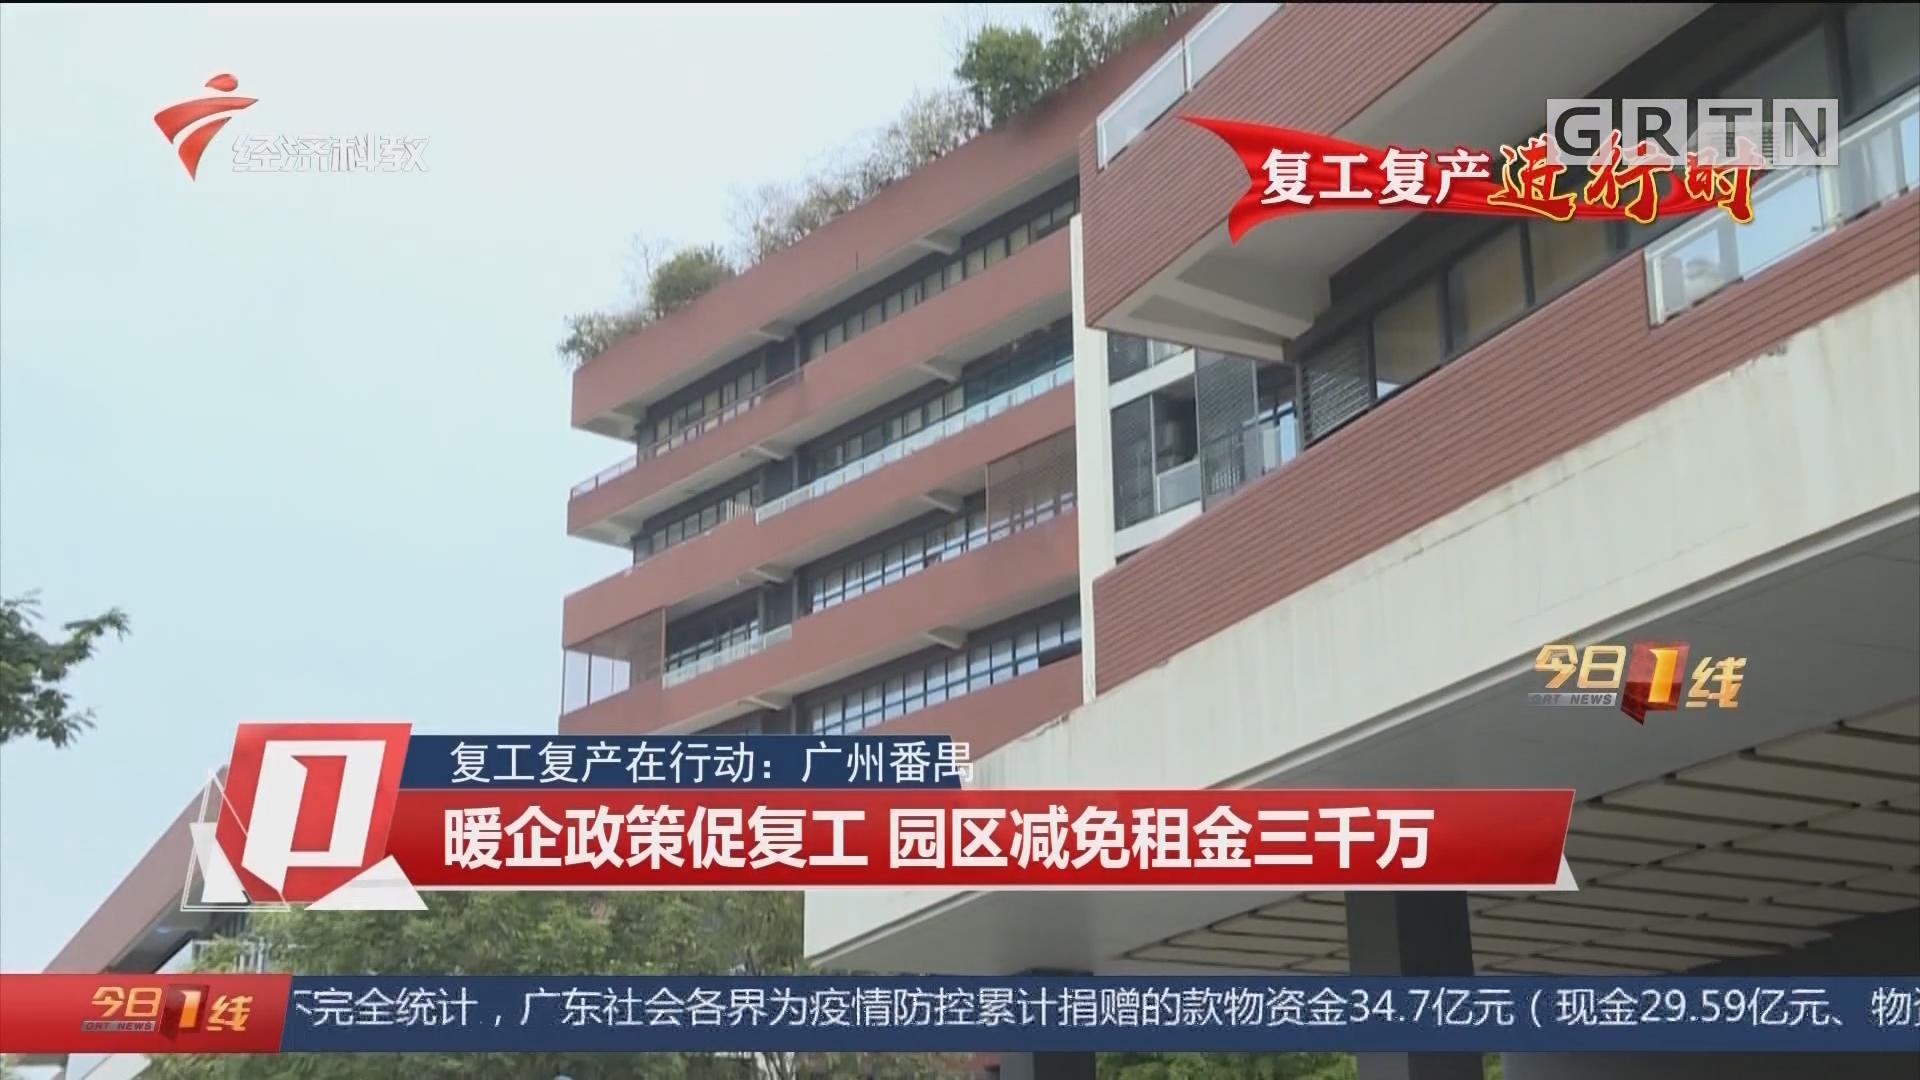 复工复产在行动:广州番禺 暖企政策促复工 园区减免租金三千万